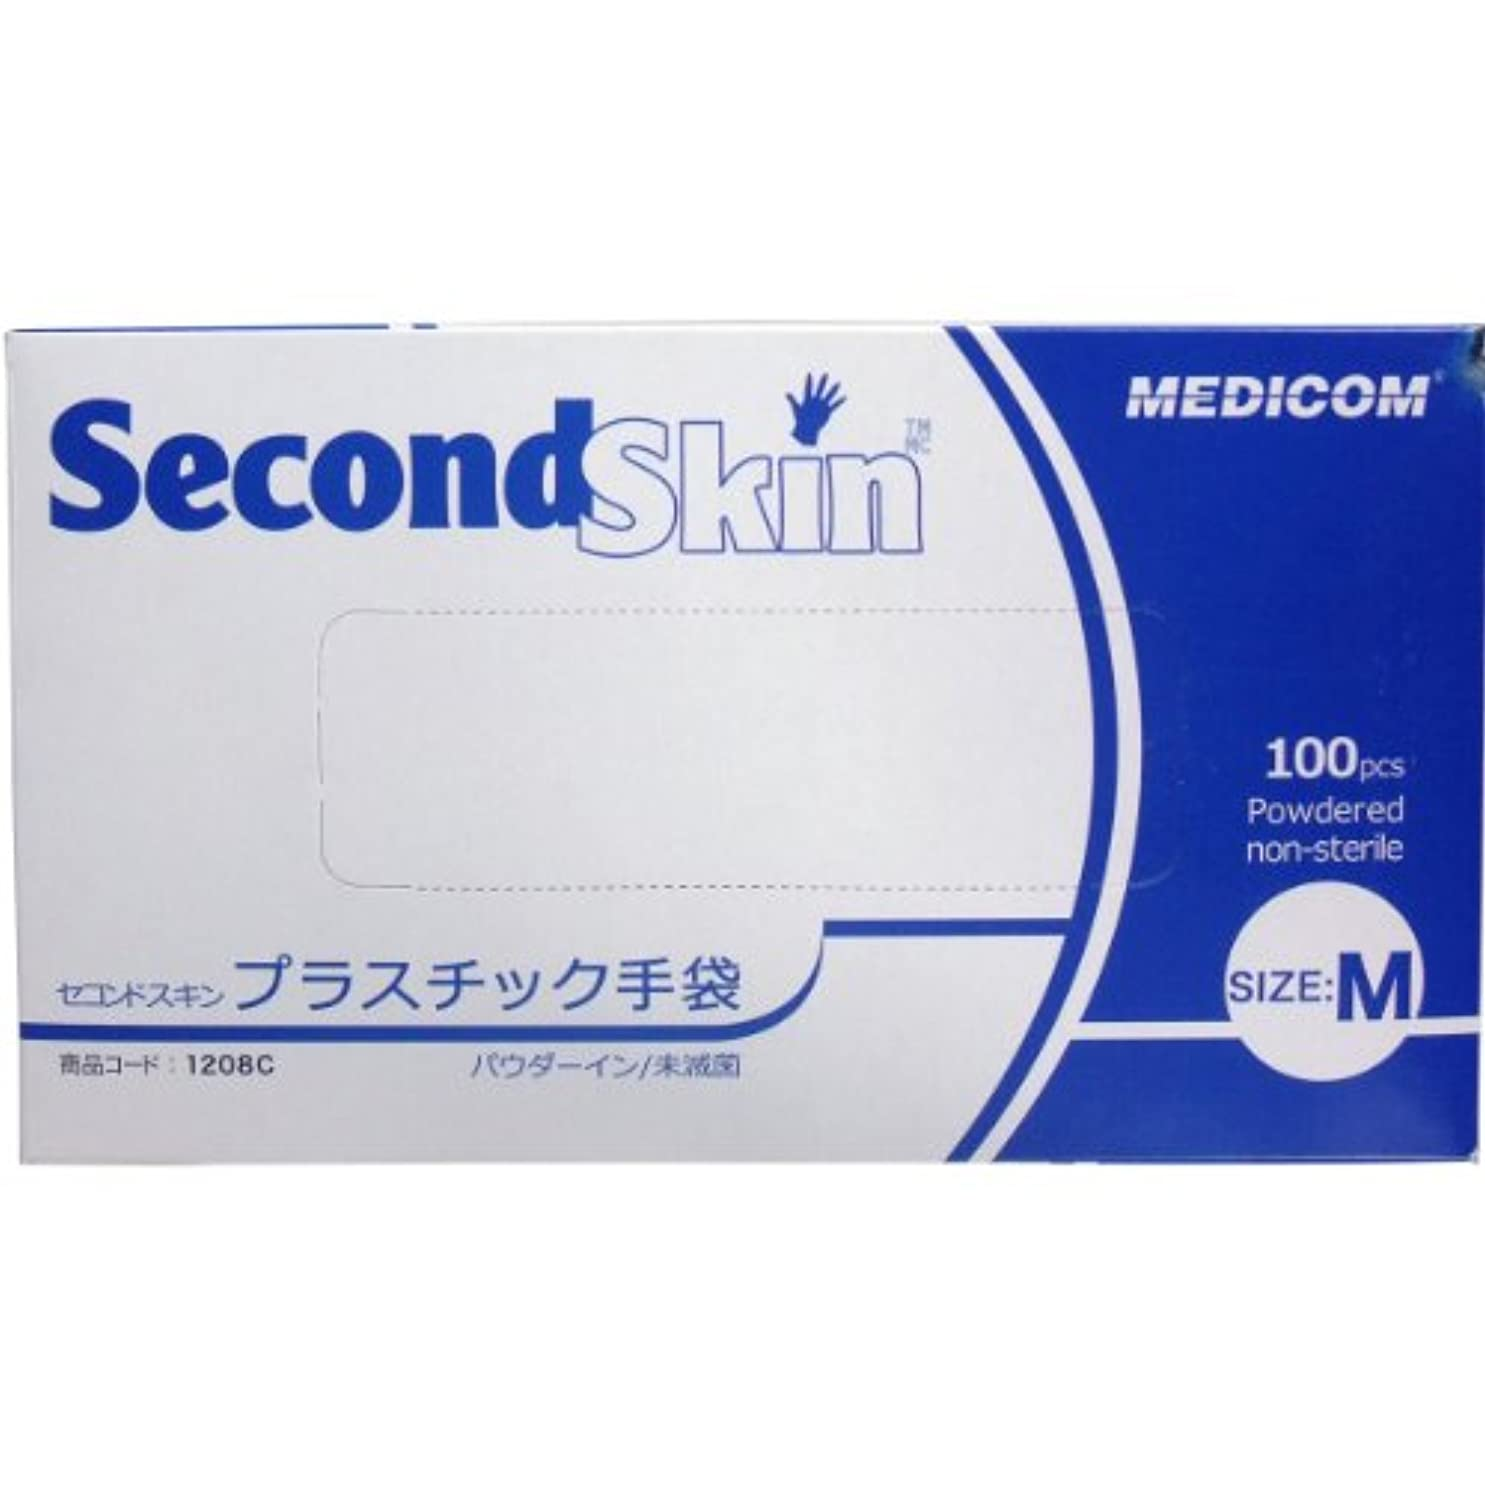 保持するホームトマトセコンドスキン プラスチック手袋 Mサイズ 100枚入(単品1個)